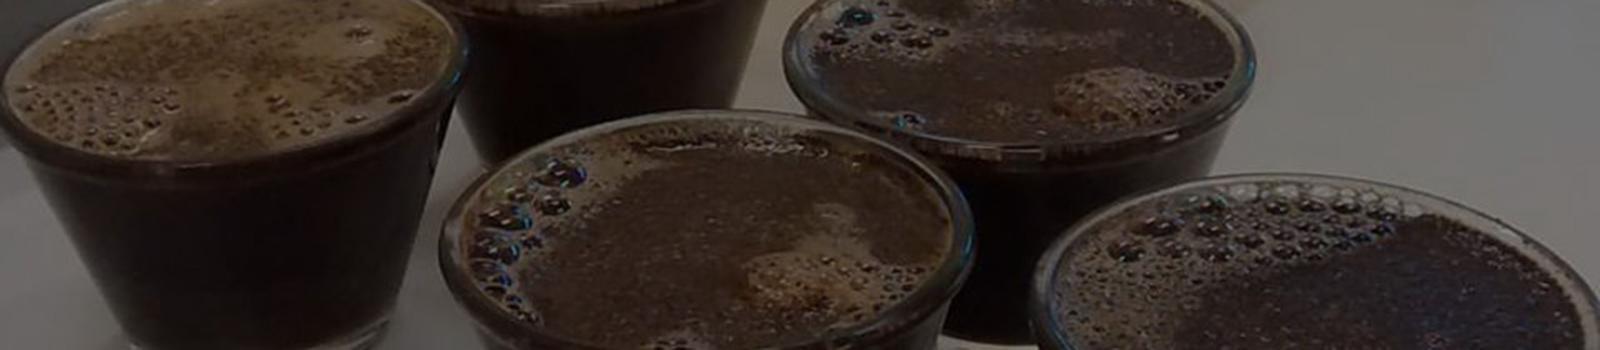 Cafés Especiais e Microlotes